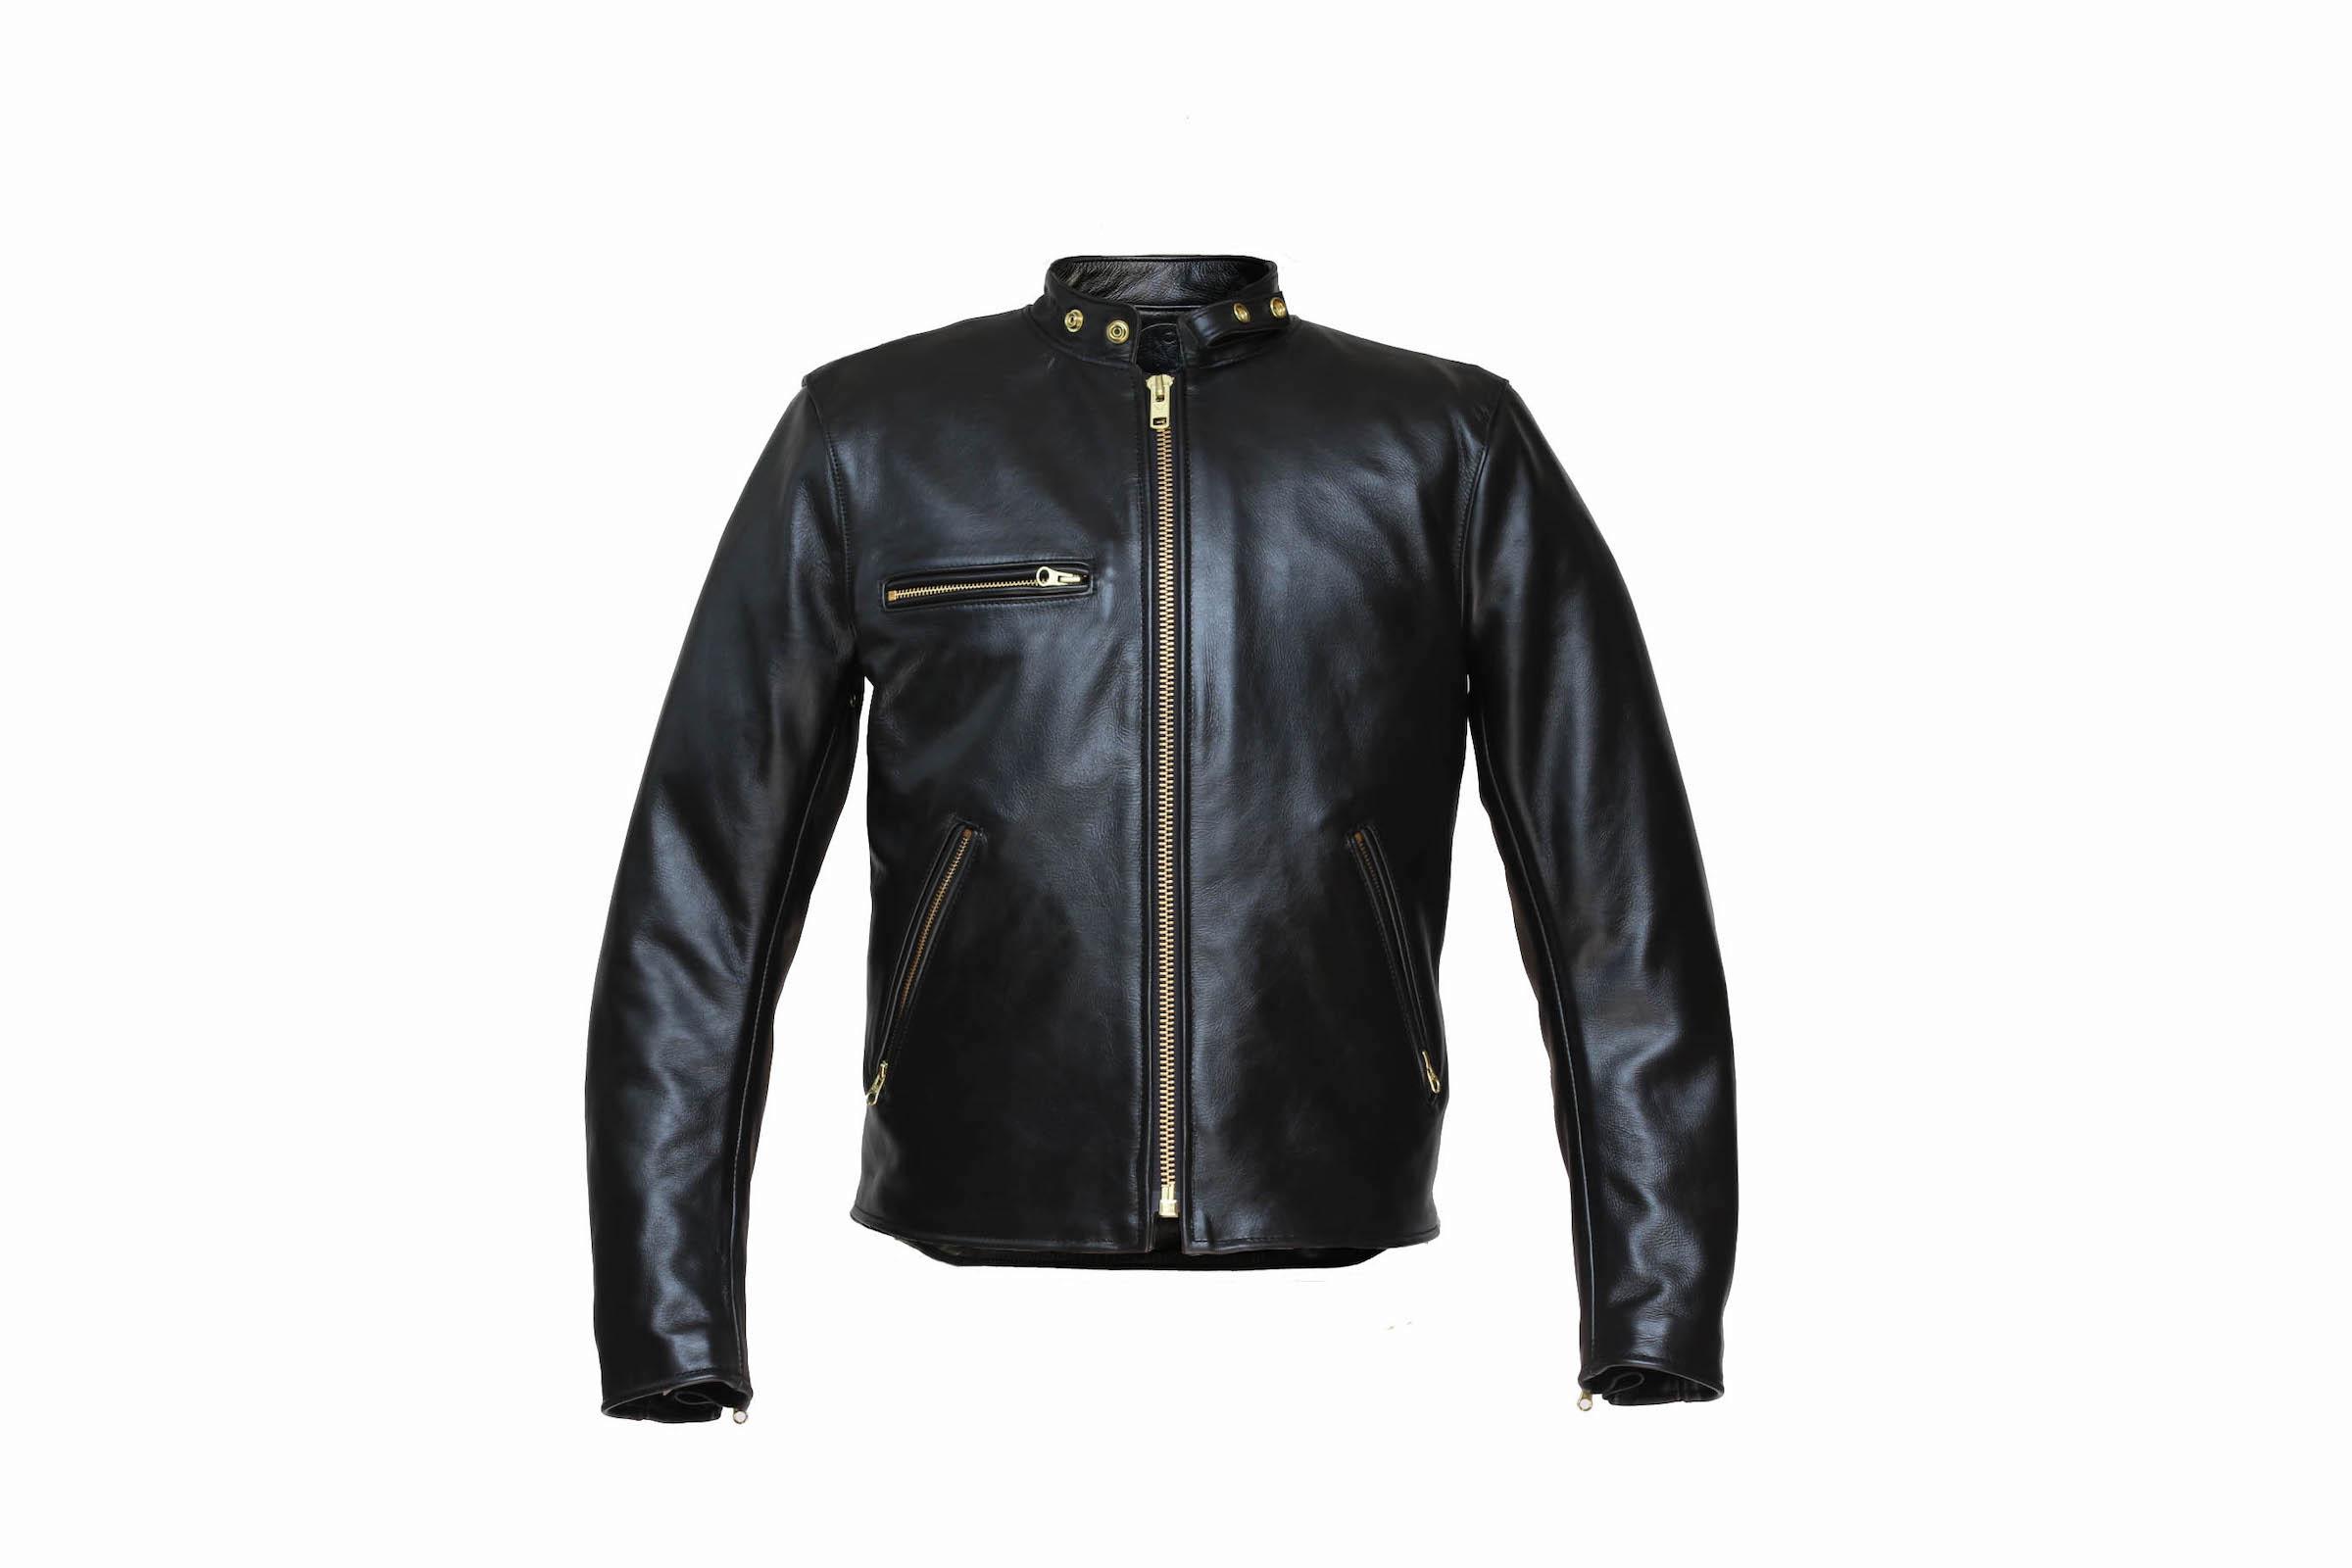 Union Garage V7 Jacket